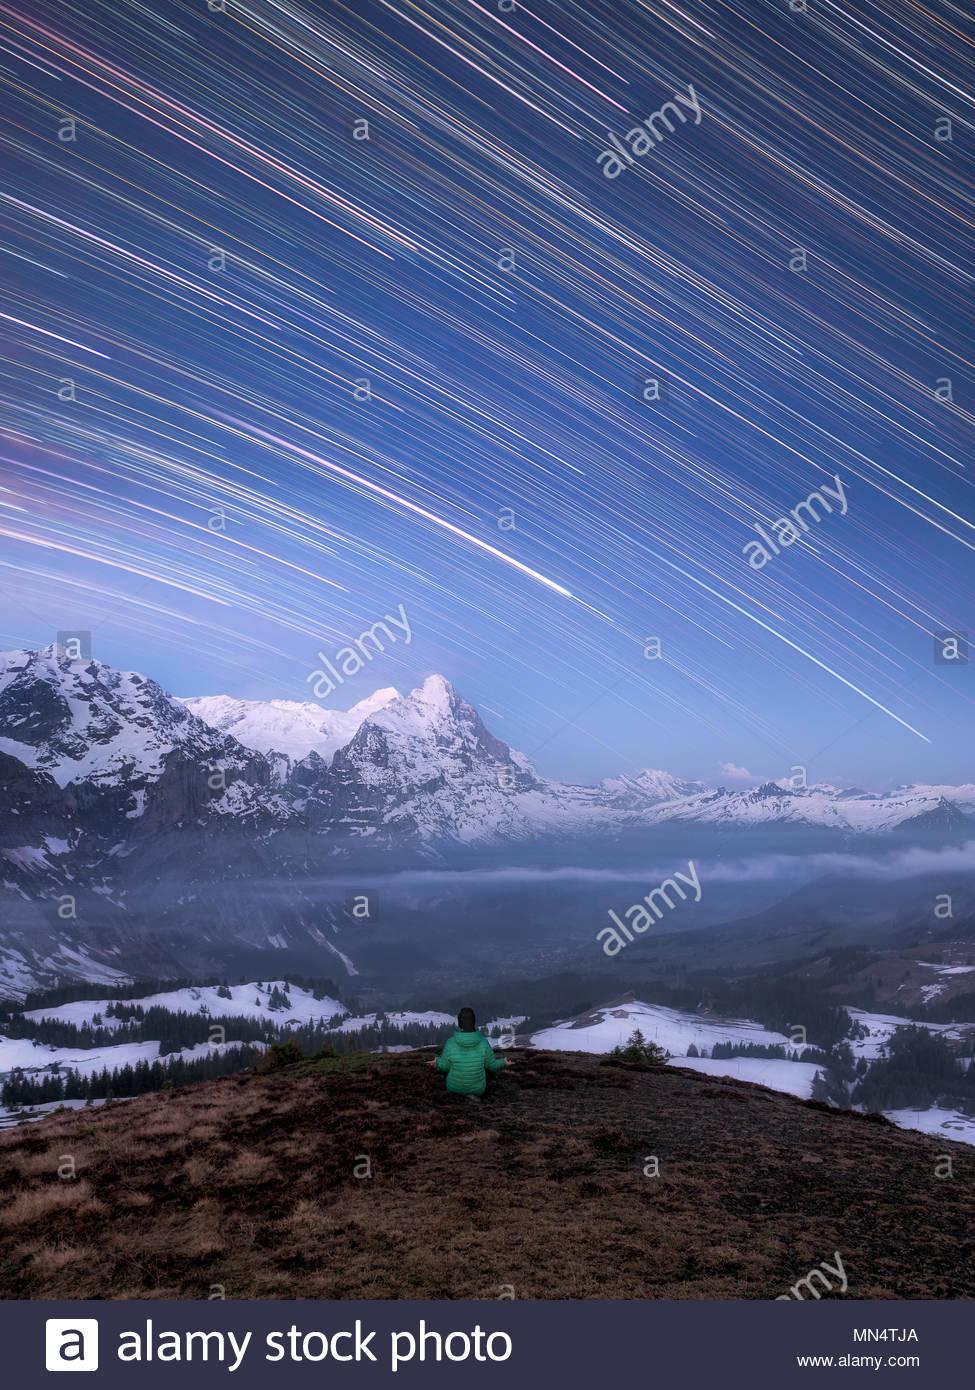 Ein Mann unter dem Sternenhimmel sitzen in den Bergen meditiert, Shooting Star wie Star Trails von Erdrotation und Schnee alpine Landschaft bedeckt, Stockbild